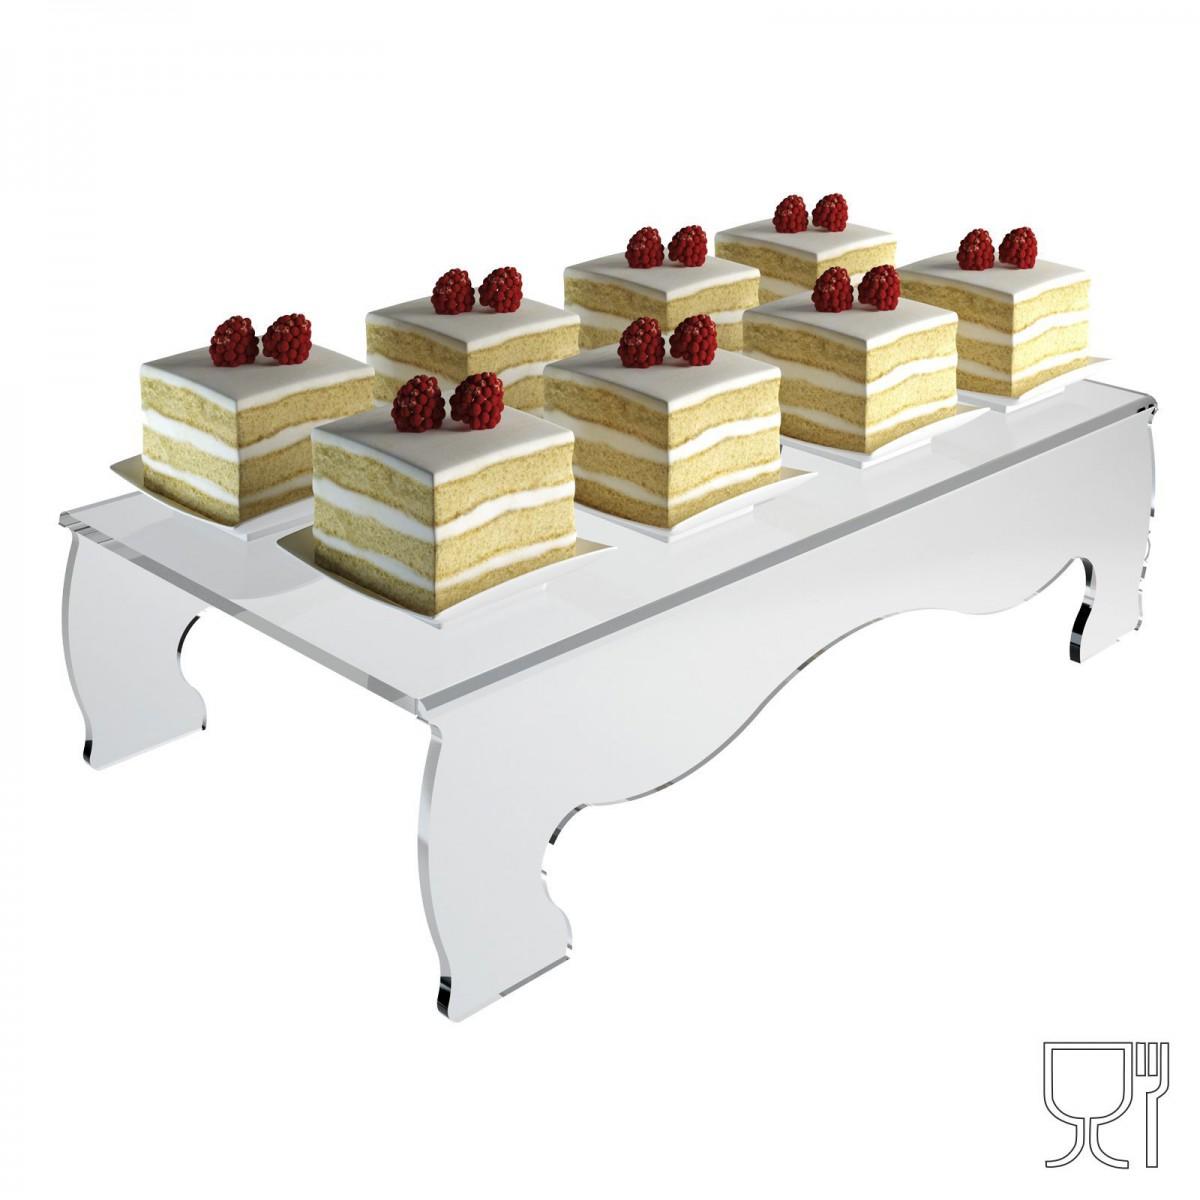 Alzatina/Tavolino multiuso in plexiglass trasparente